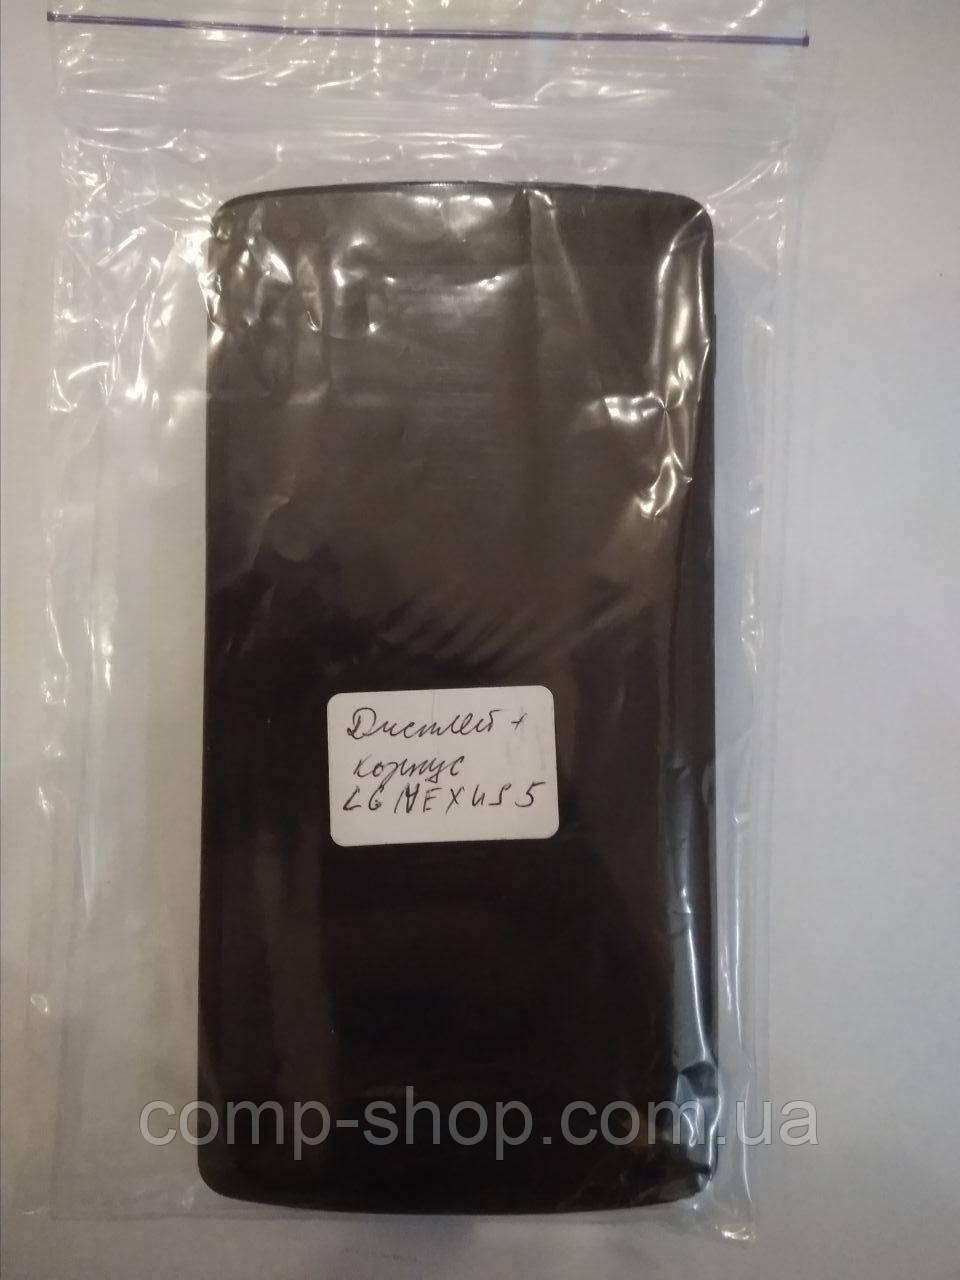 Дисплей + корпус LG nexus 5 оригинал бу, запчасть с разборки